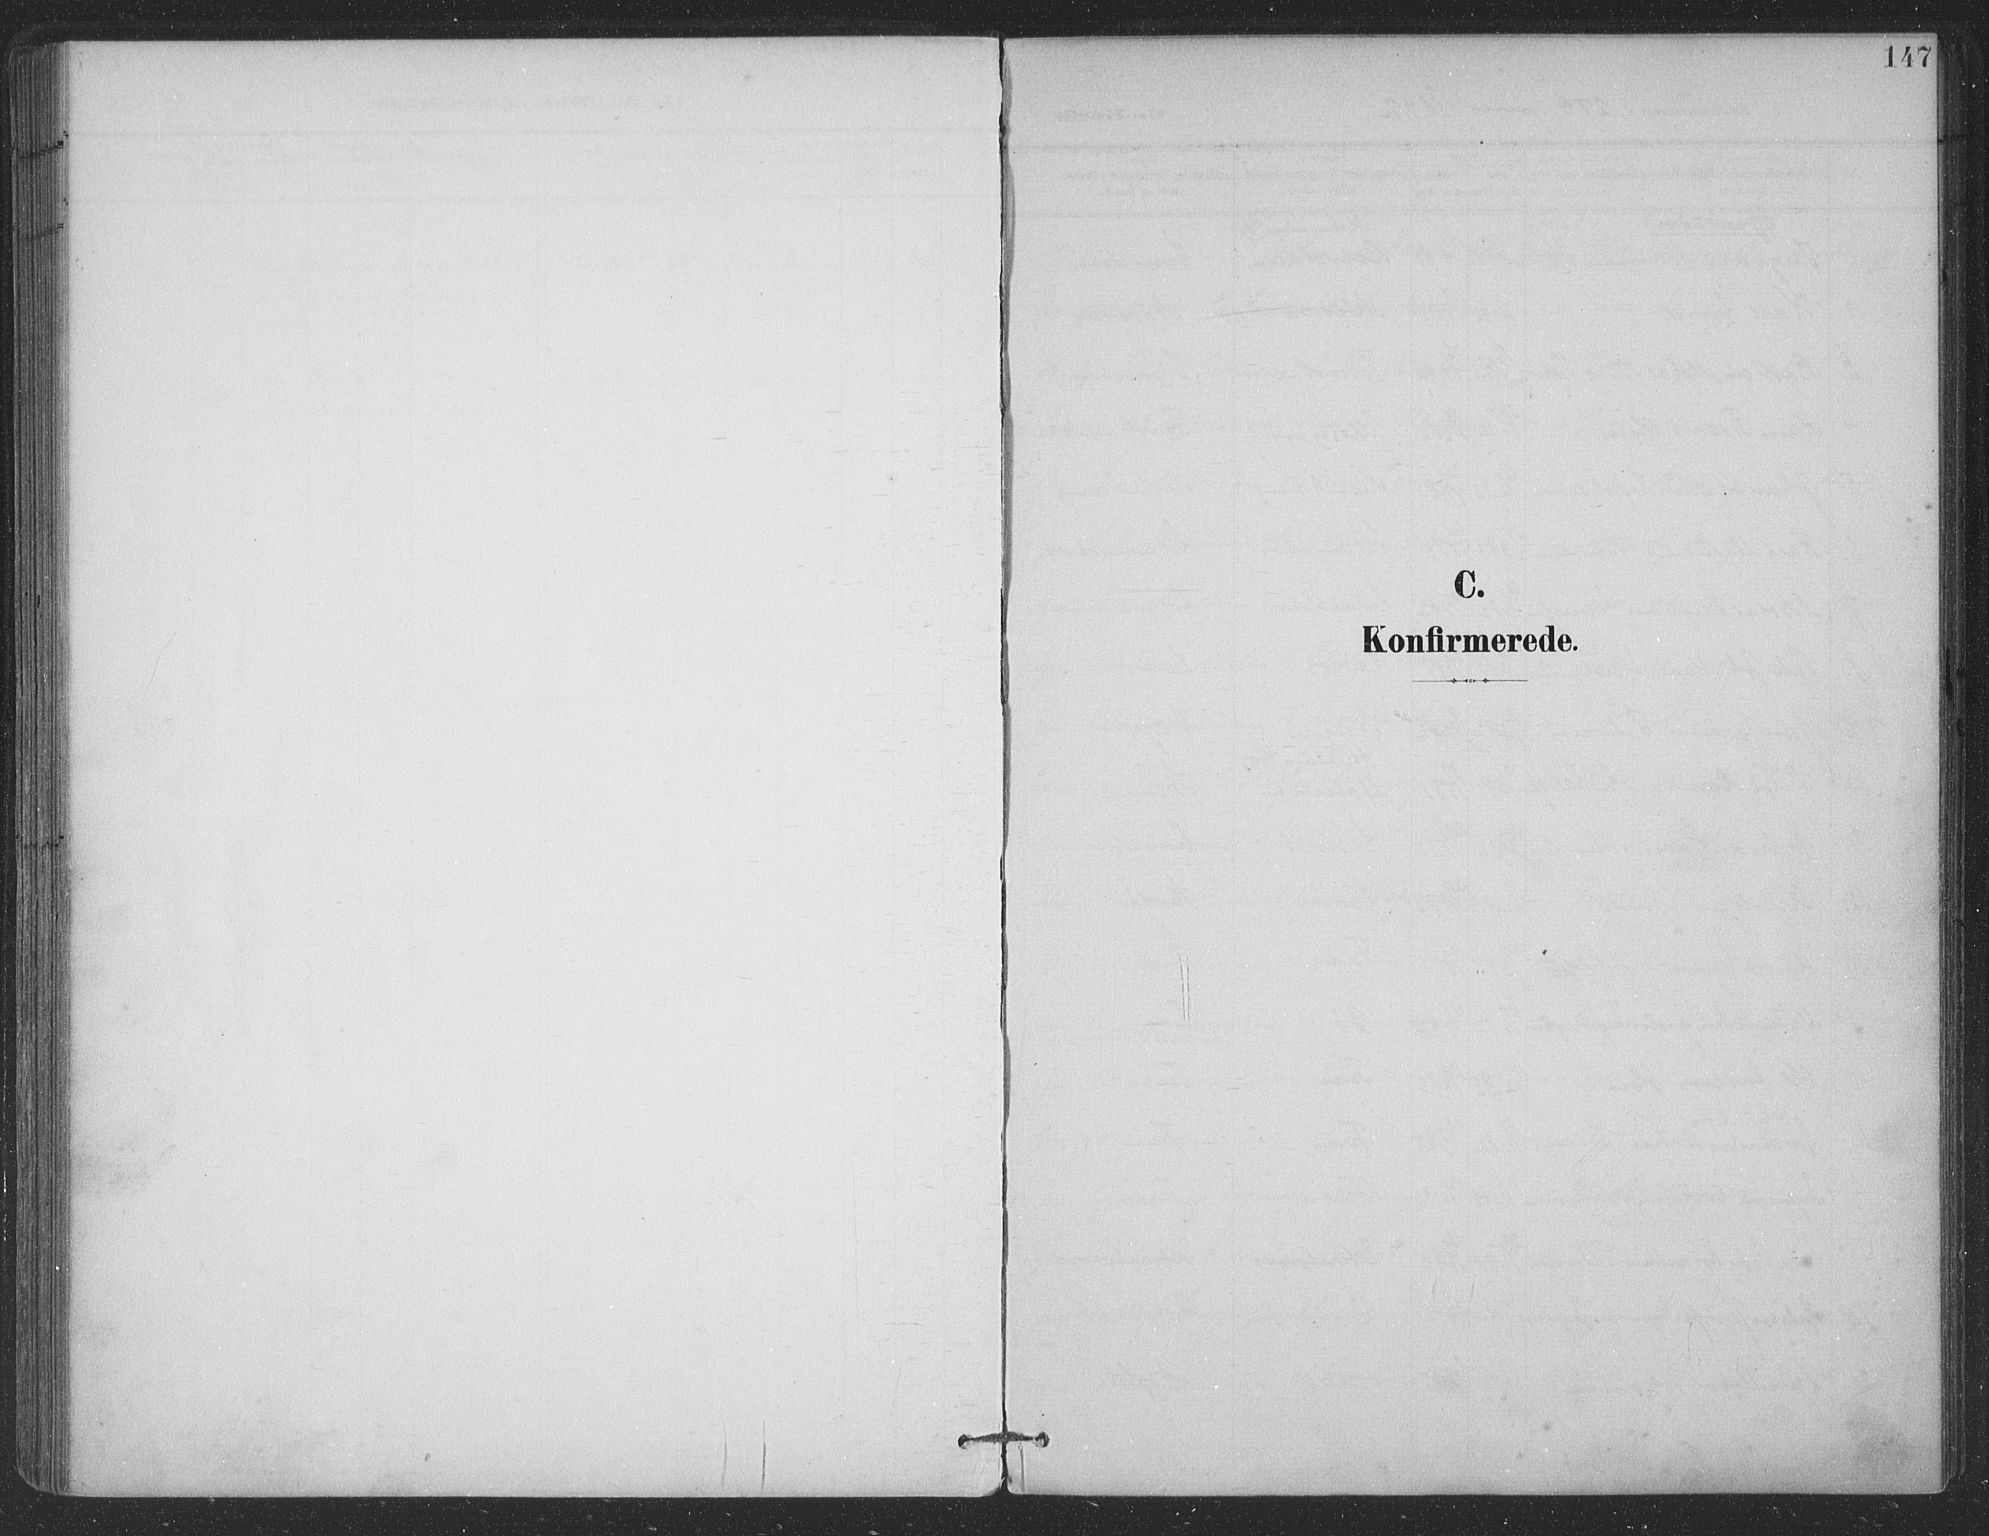 SAT, Ministerialprotokoller, klokkerbøker og fødselsregistre - Nordland, 863/L0899: Parish register (official) no. 863A11, 1897-1906, p. 147